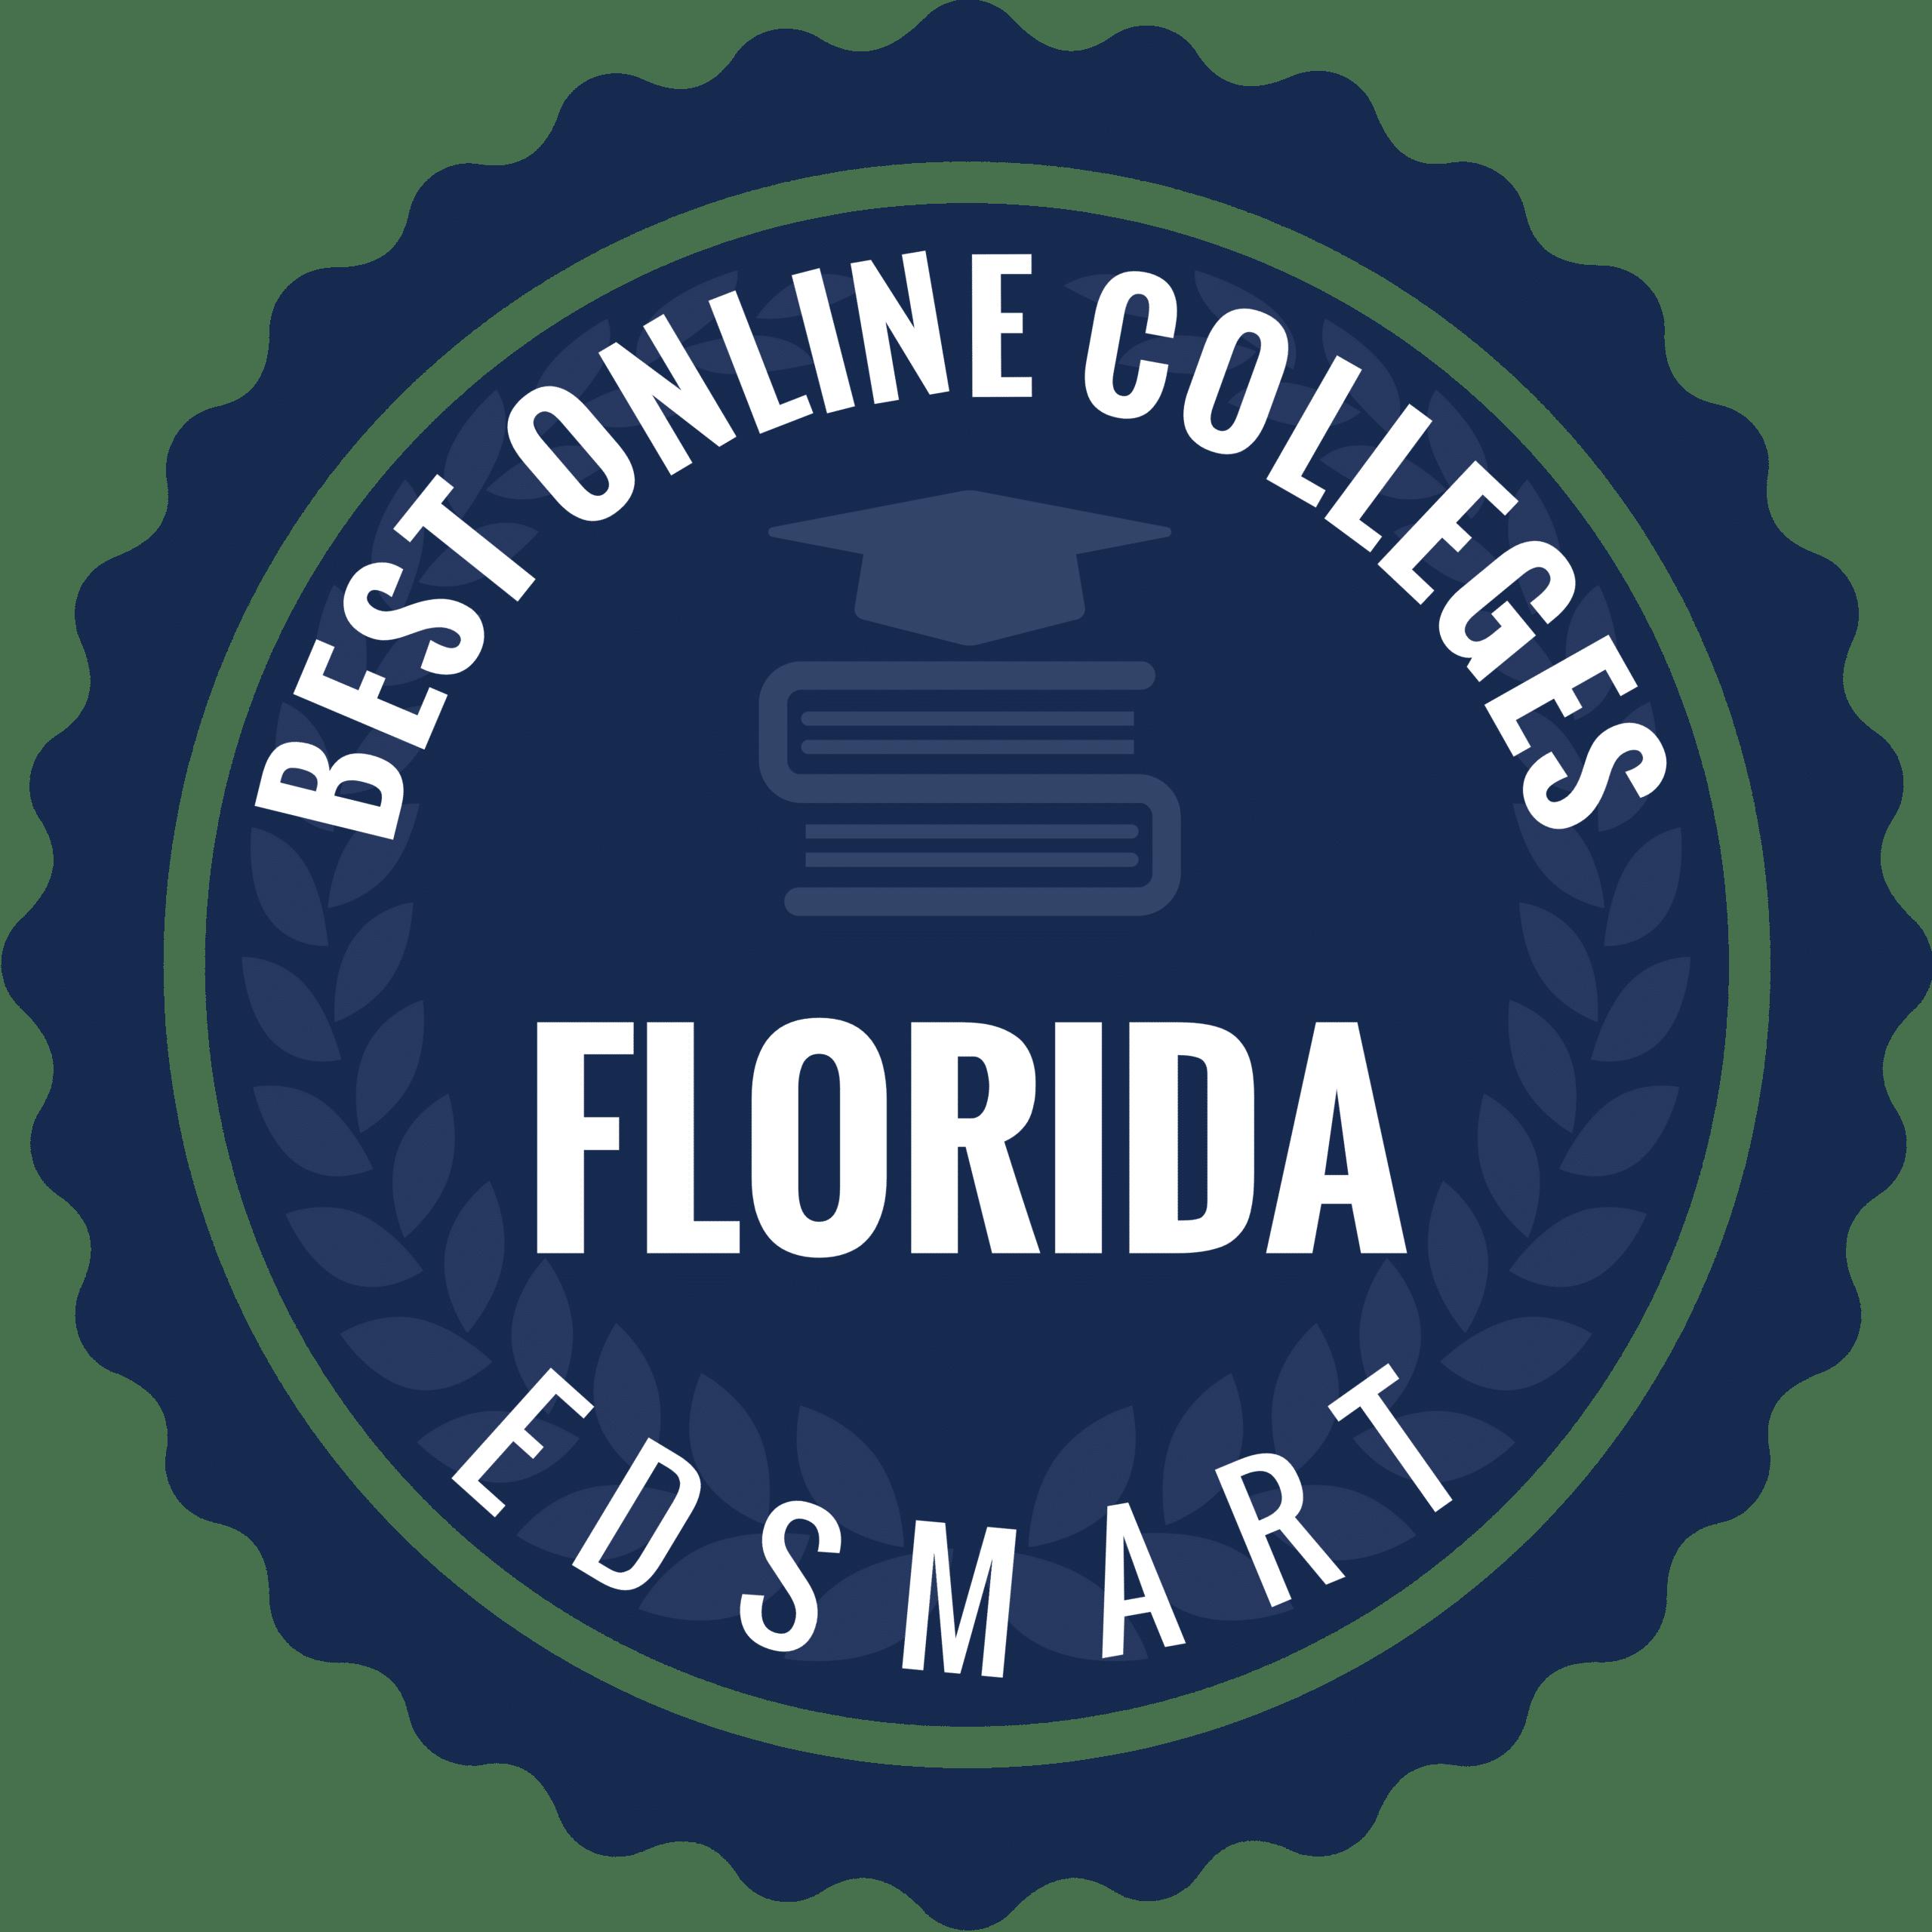 best_online_colleges_florida_edsmart